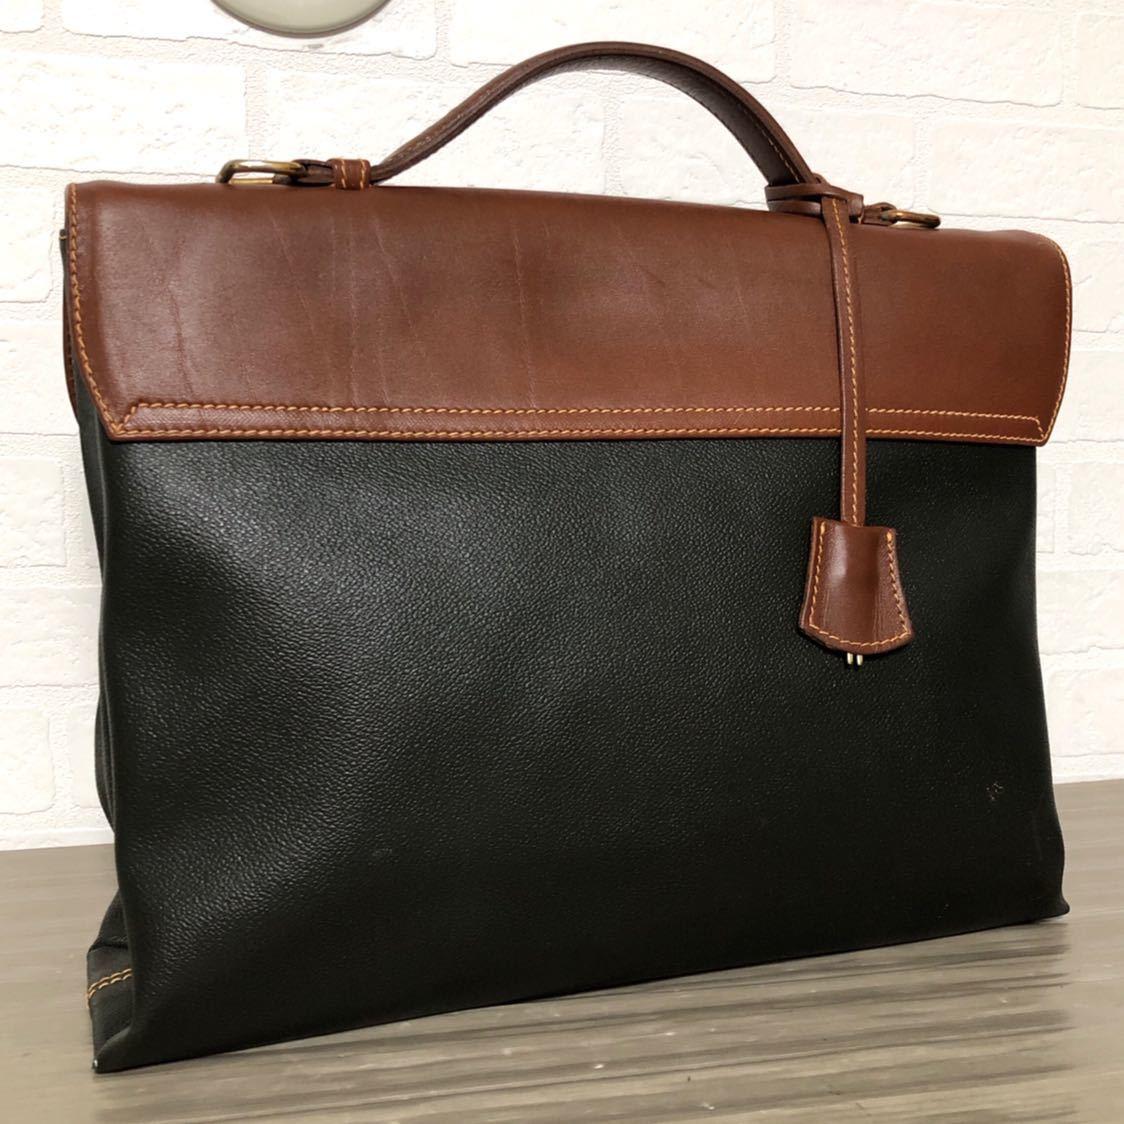 434c25d6d829 ... 373☆ TRUSSARDI トラサルディ ビジネスバッグ ブリーフケース レザー レディース カバン 鞄 モスグリーン ブラウンの ...